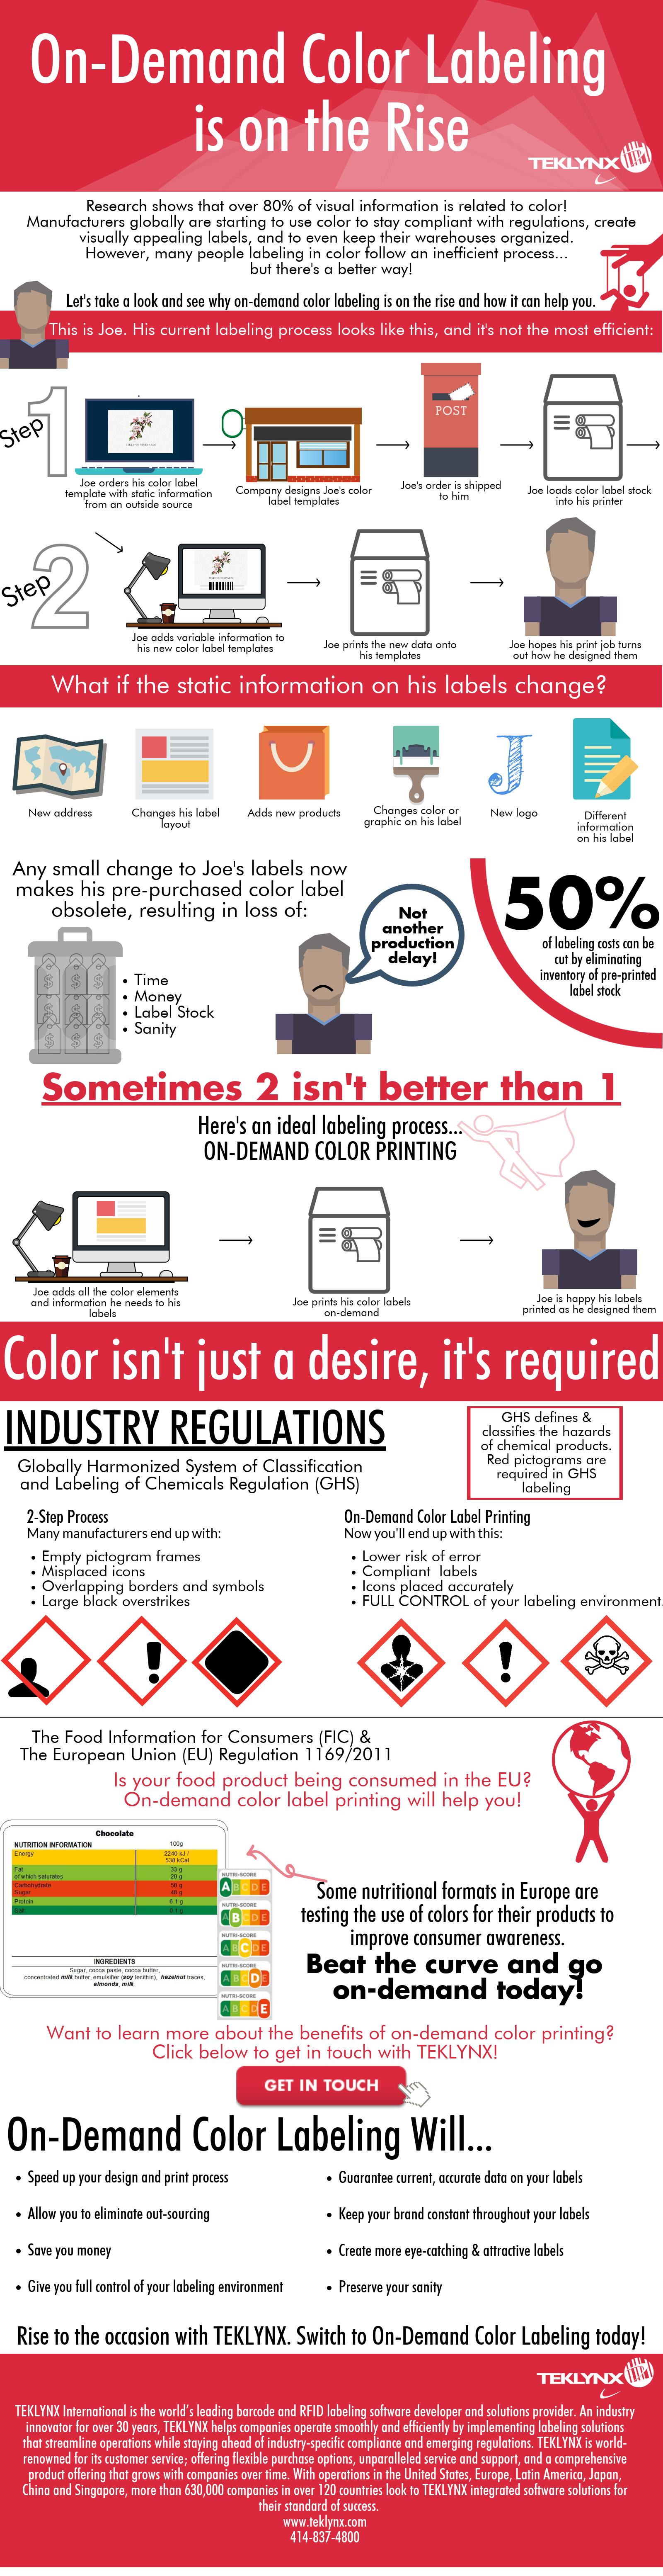 Die On-Demand-Farbkennzeichnung nimmt zu